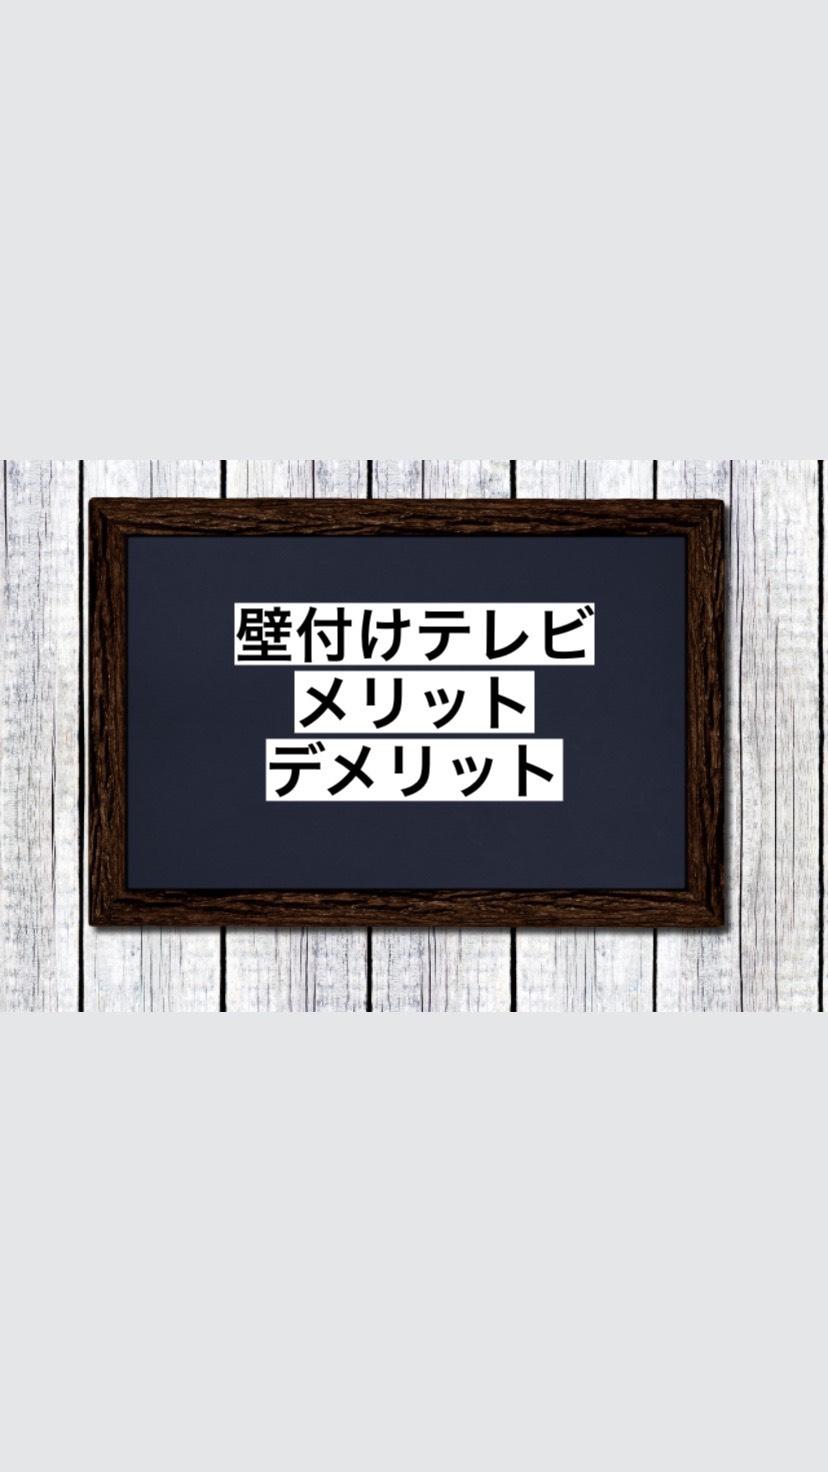 壁がけテレビのメリット・デメリットの画像